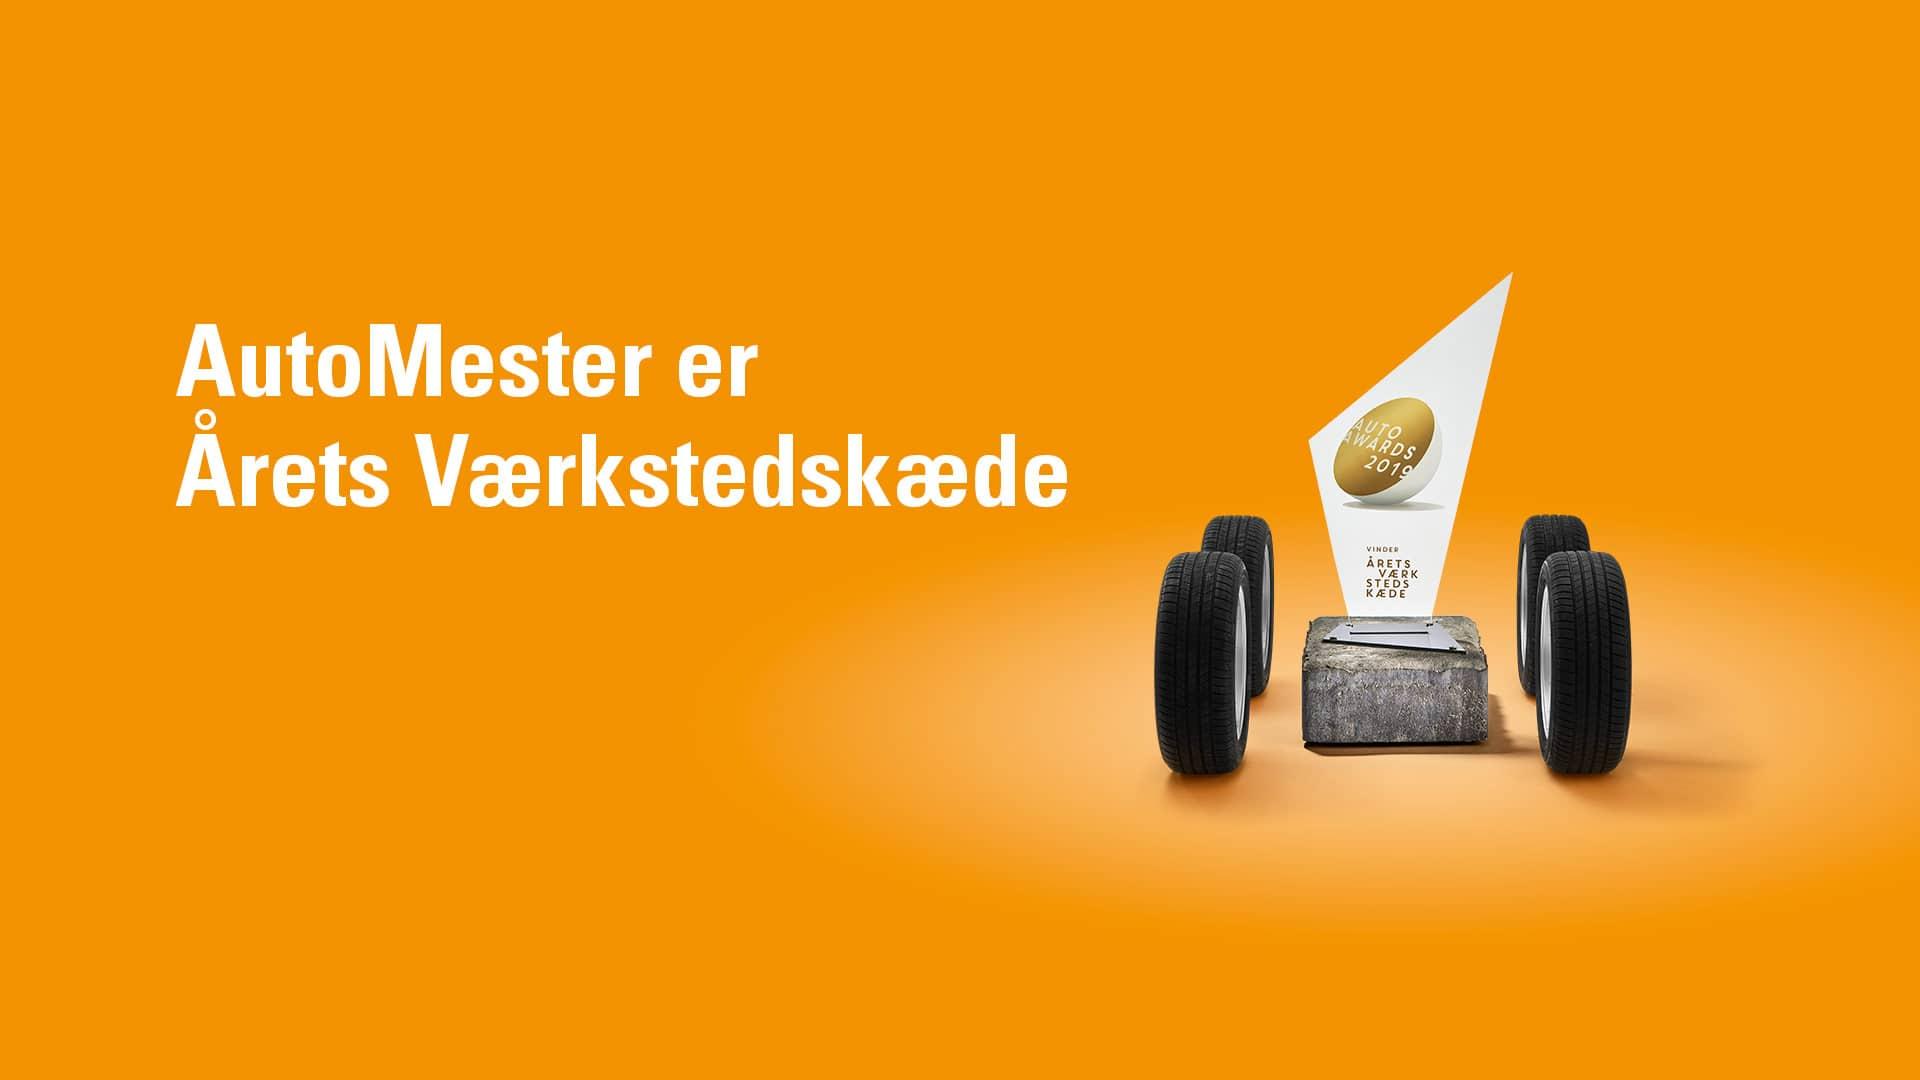 AutoMesterAarets-vaerkstedskaede-award-2020